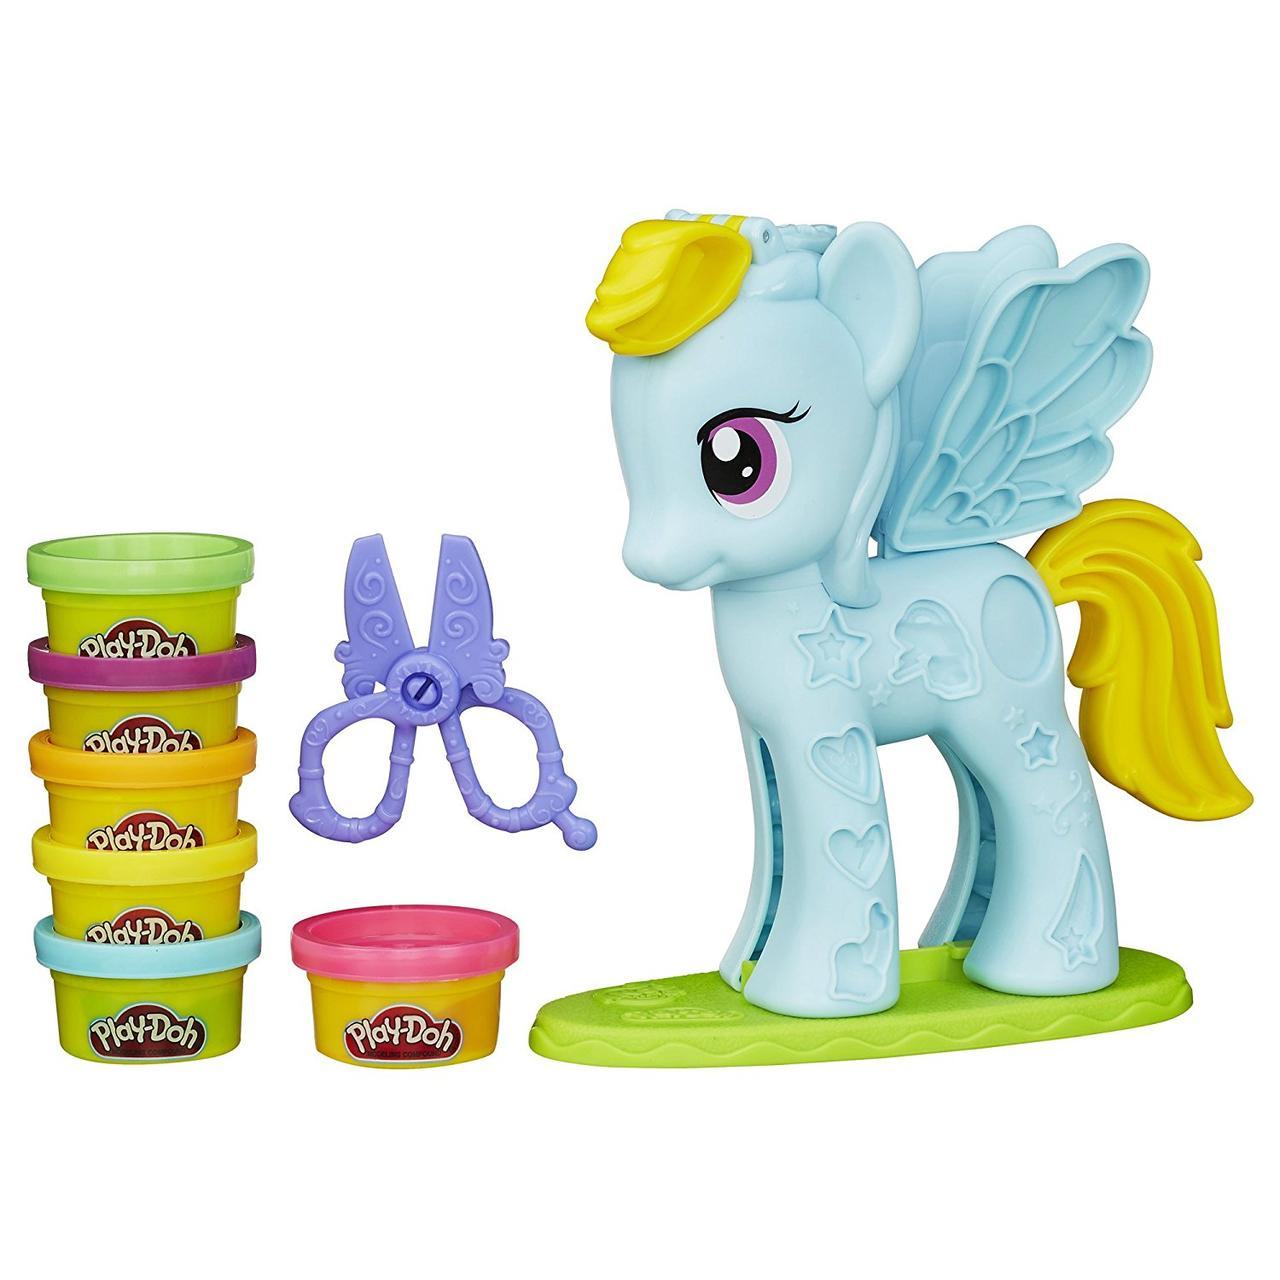 Плэй До Пони Рэйнбоу Дэш Стильный салон Play-Doh My Little Pony Rainbow Dash Style Salon